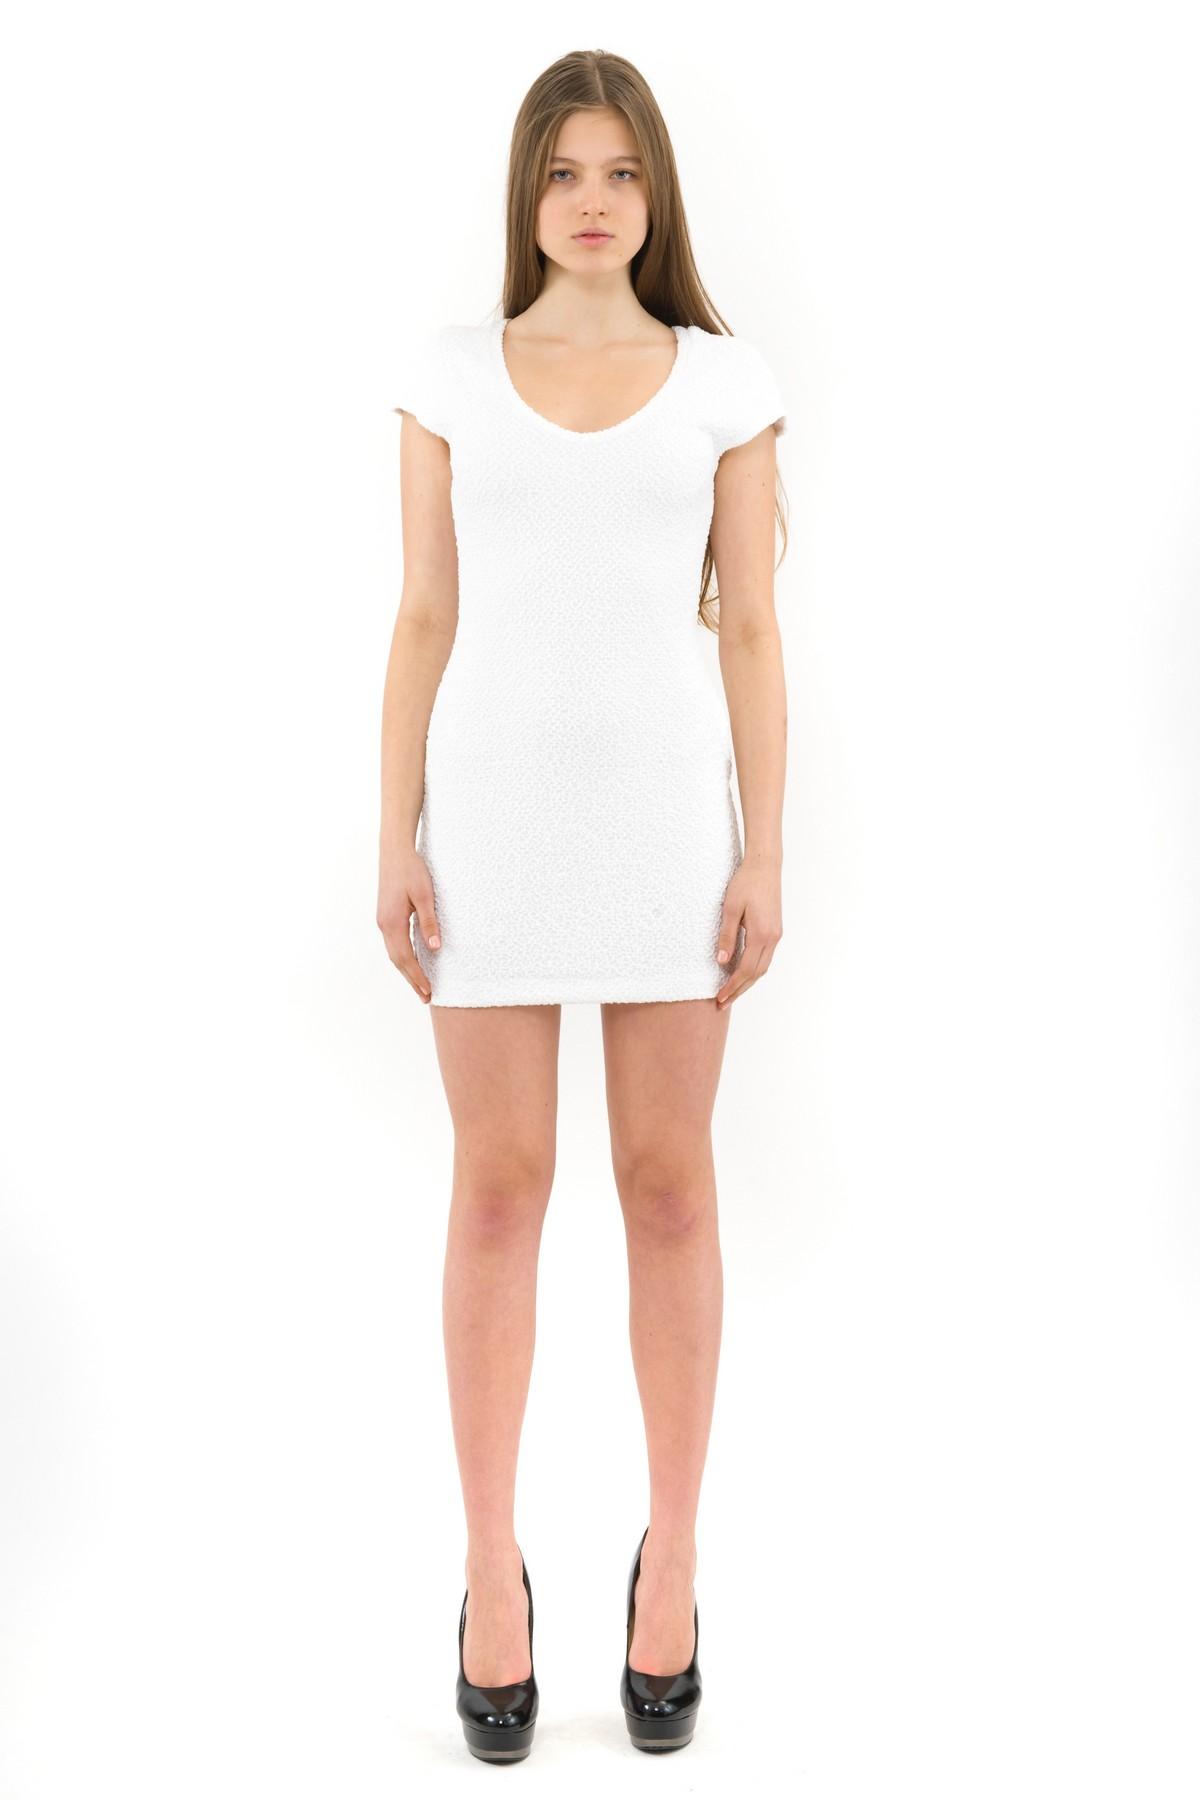 ПлатьеПлатья,  сарафаны<br>Великолепное трикотажное платье выгодно подчеркнет природную красоту и стройность Вашей фигуры.<br><br>Цвет: белый<br>Состав: 70% полиэстер, 24% вискоза, 6% эластан<br>Размер: 42,44,46<br>Страна дизайна: Россия<br>Страна производства: Россия